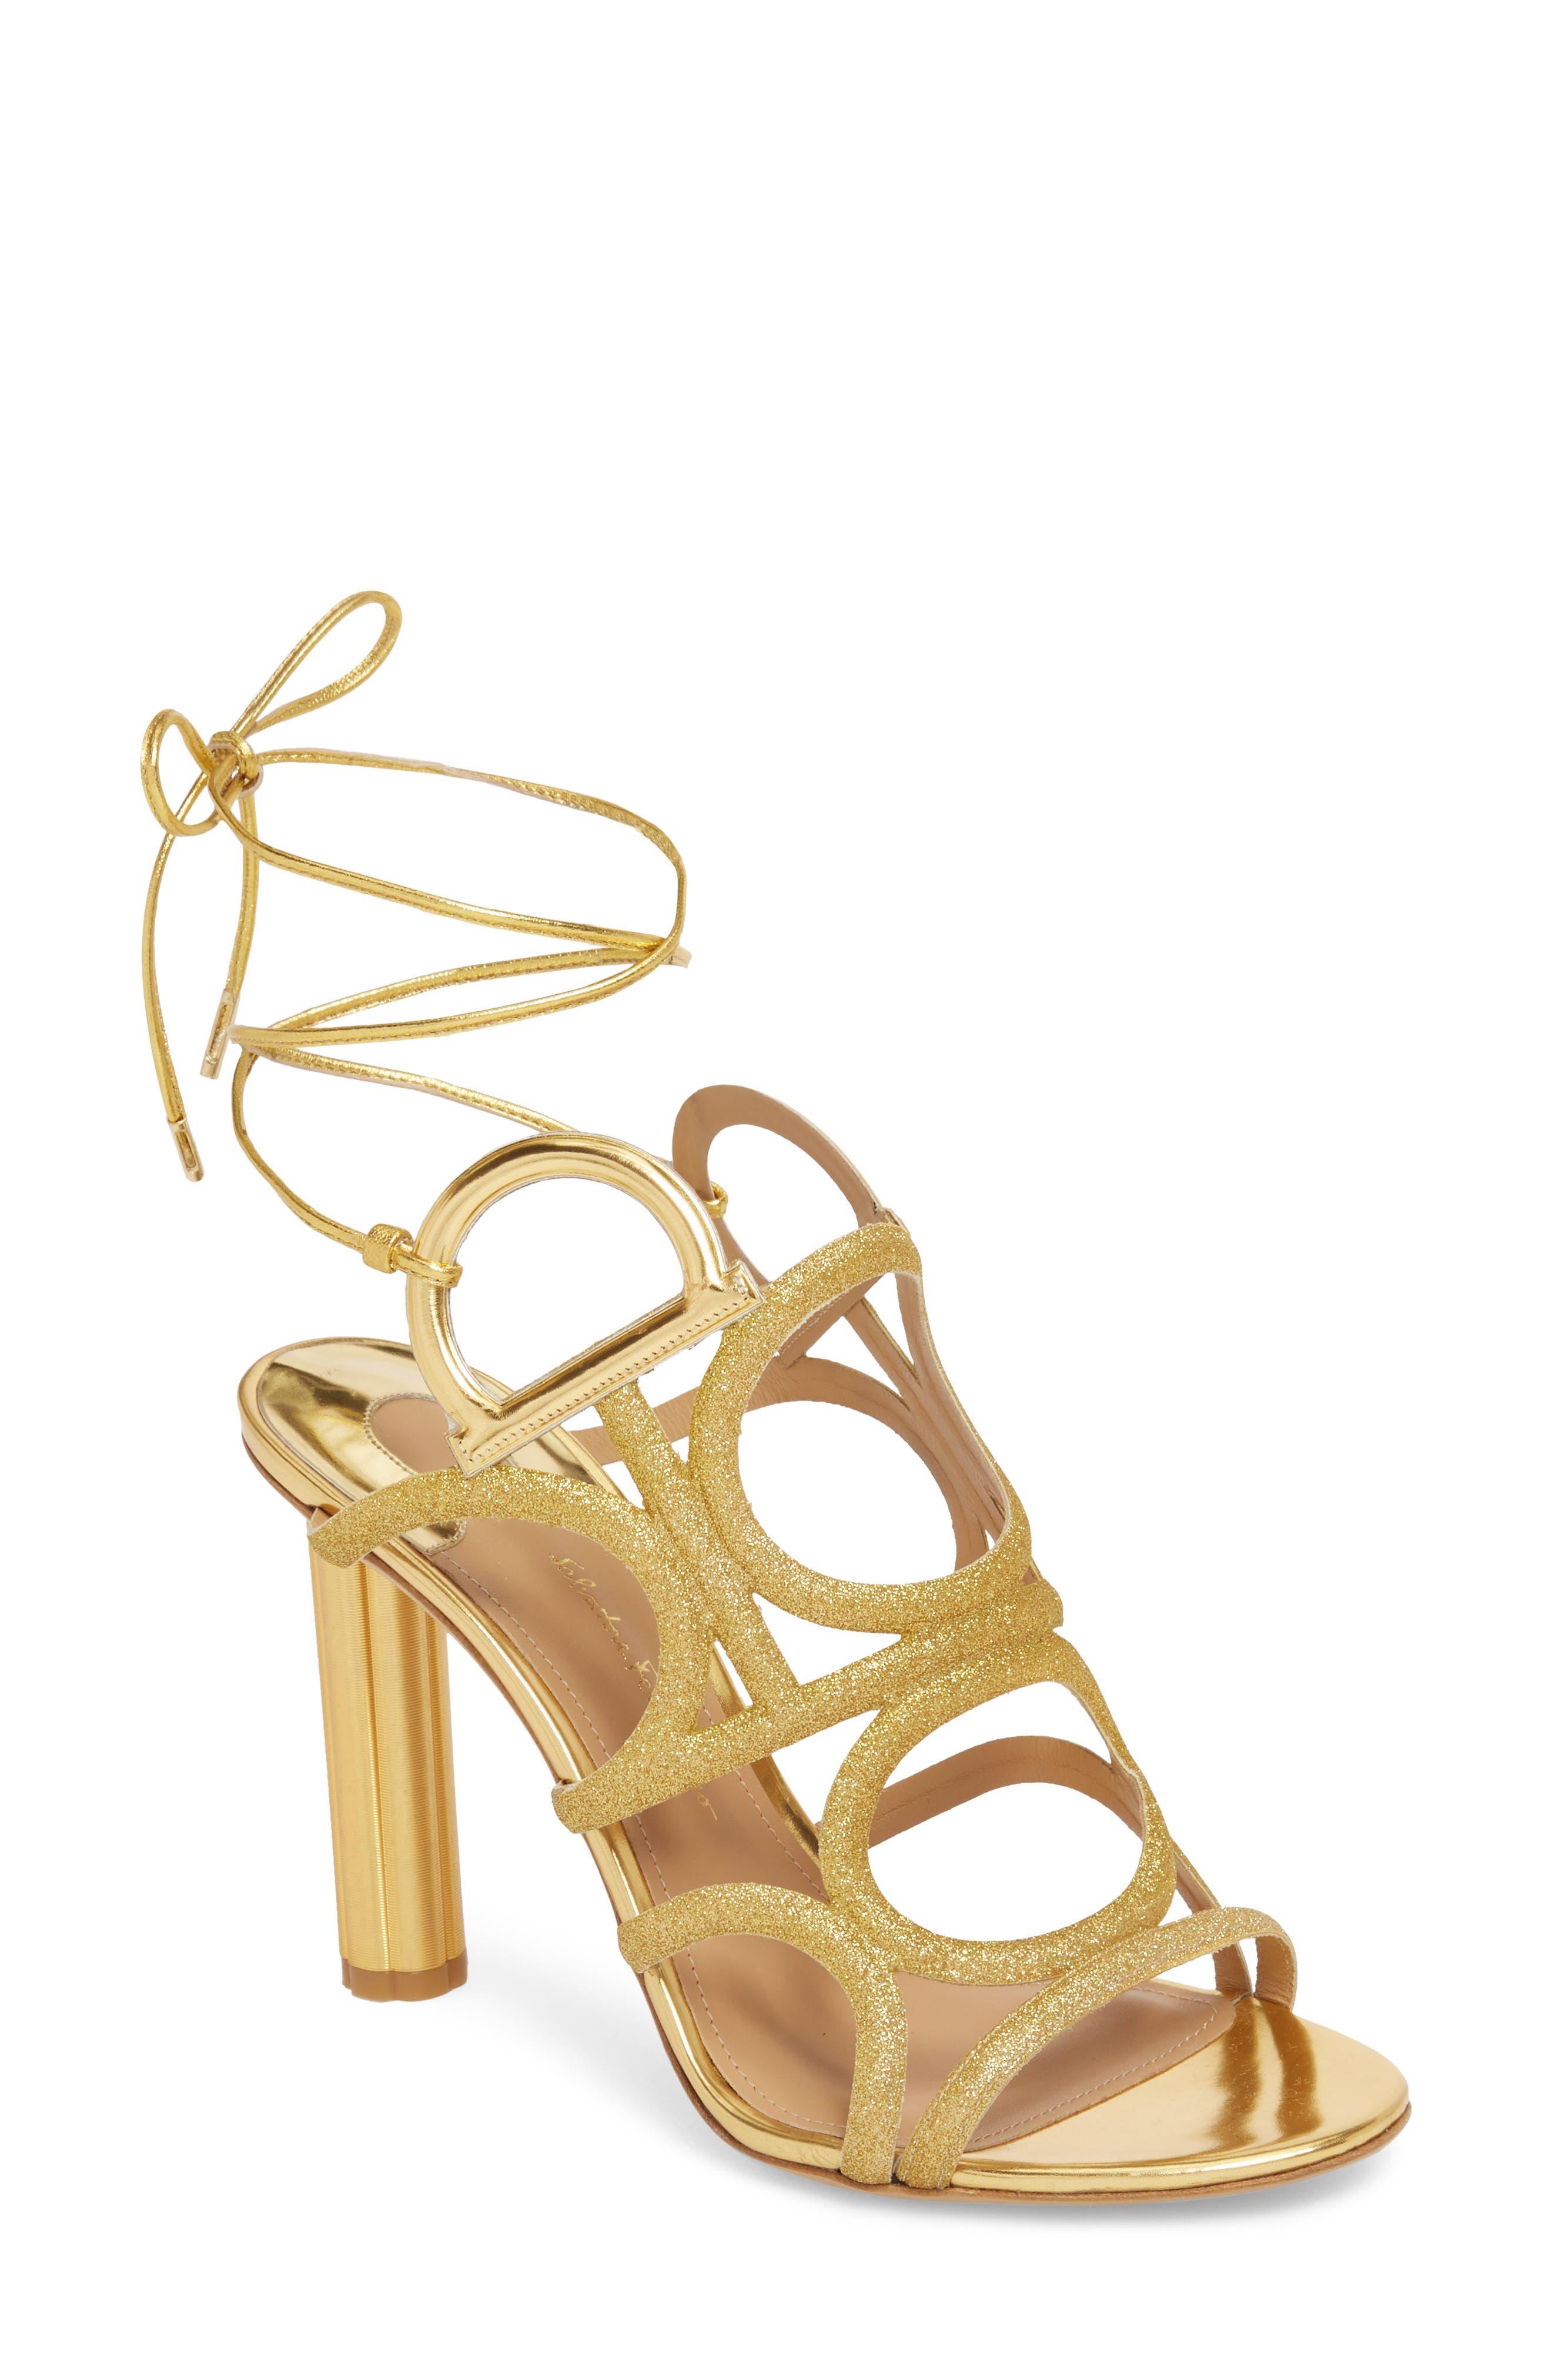 Vinci Lace-Up Sandal,                         Main,                         color, Gold